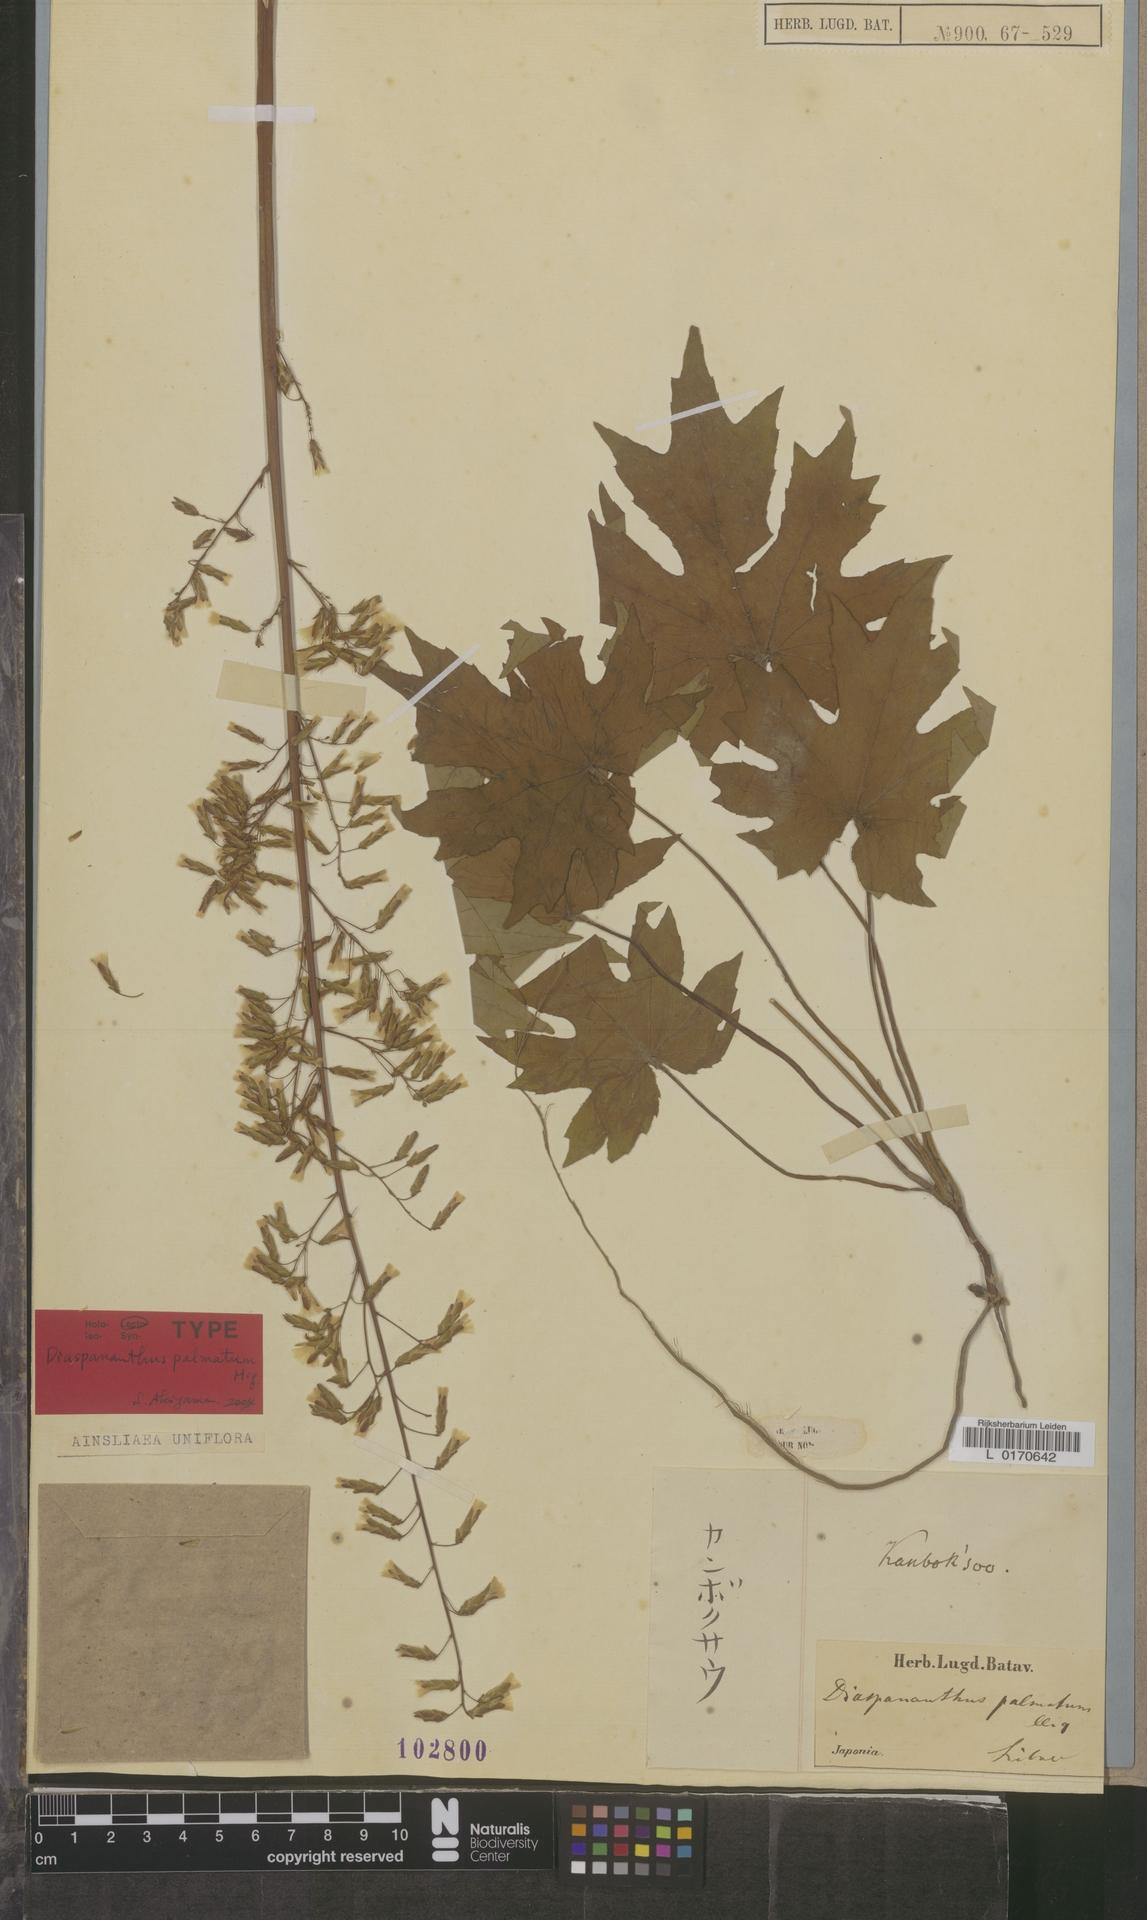 L  0170642 | Ainsliaea uniflora Sch.Bip.